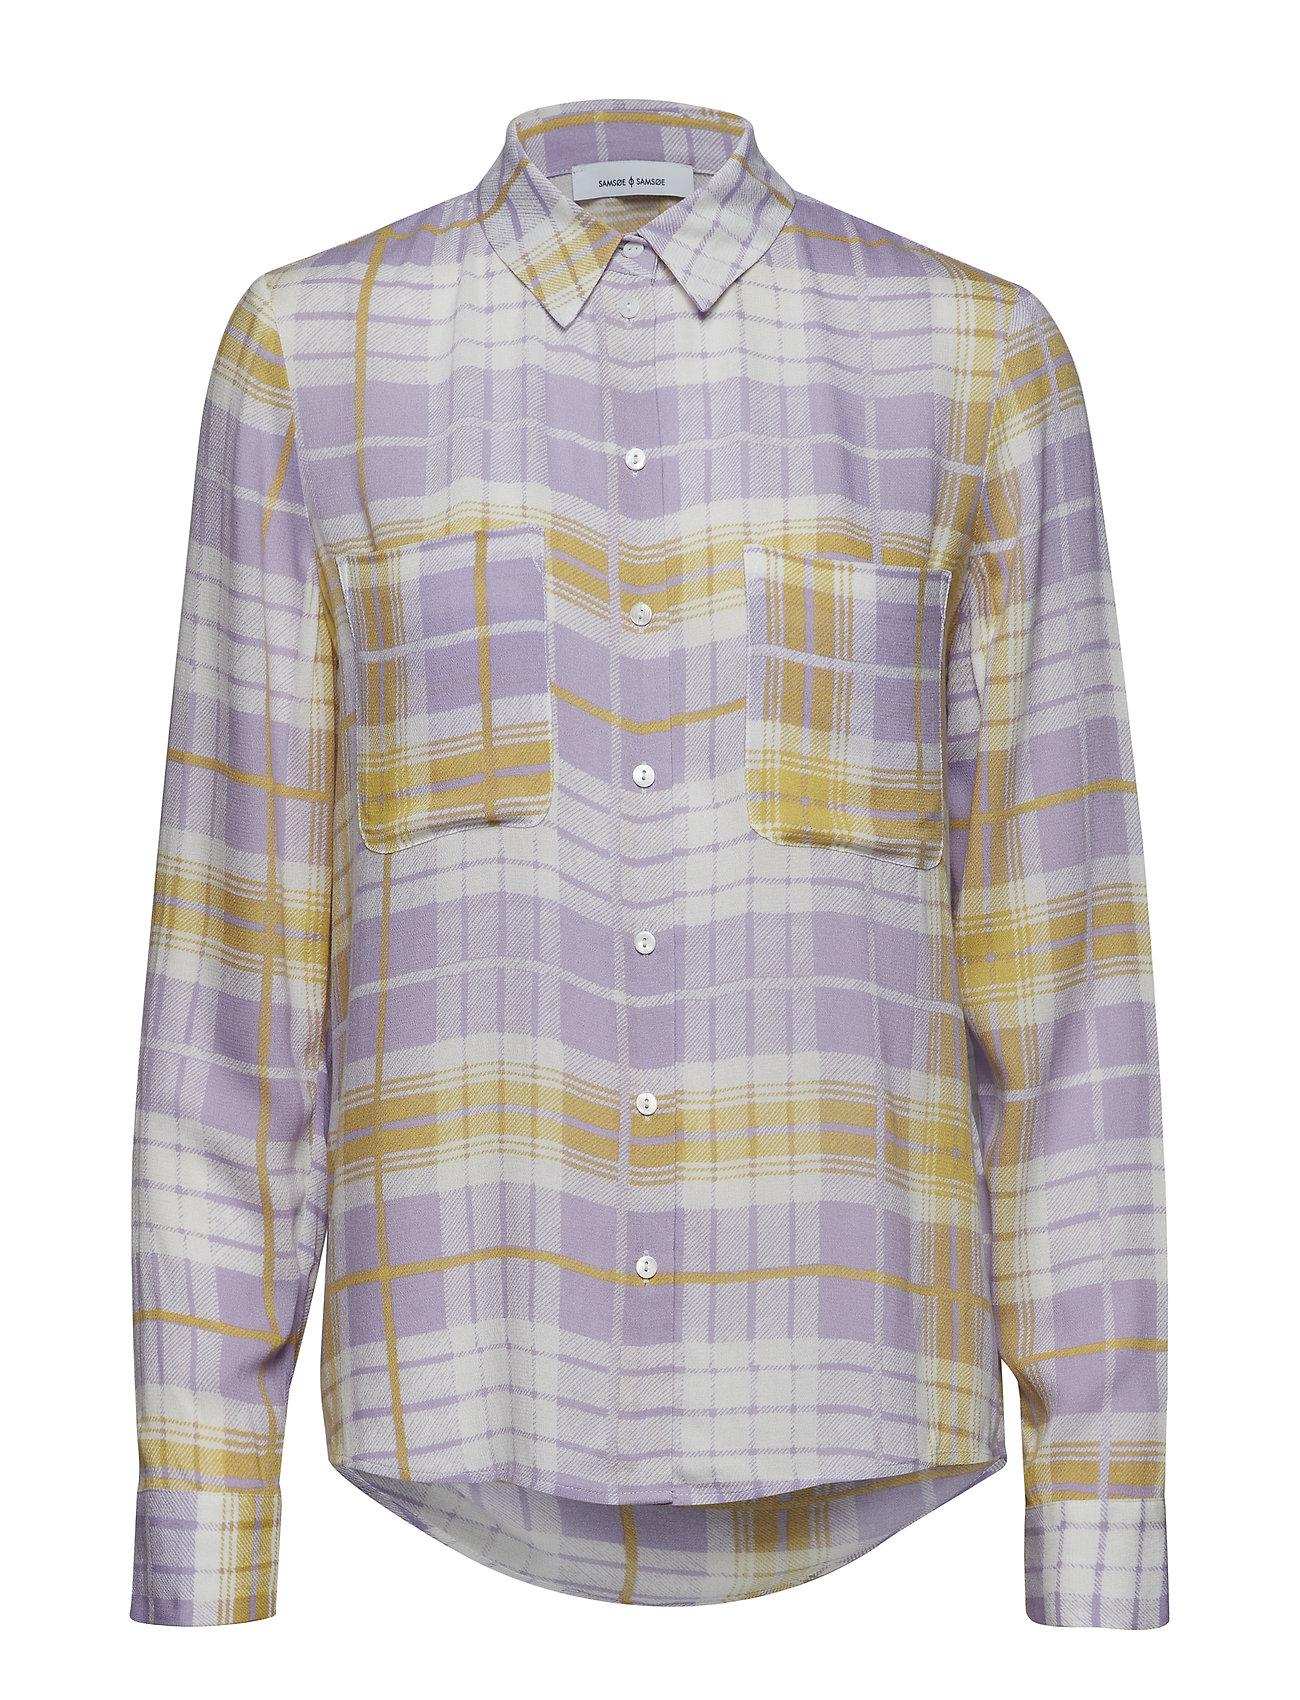 Samsøe & Samsøe Milly shirt aop 7201 - CHECKMEOUT